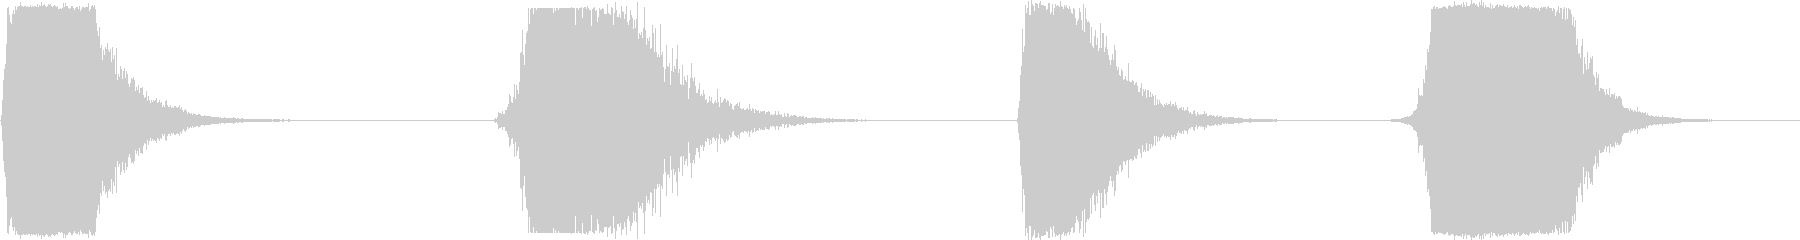 高エネルギー分解レイ、4バージョン...の未再生の波形